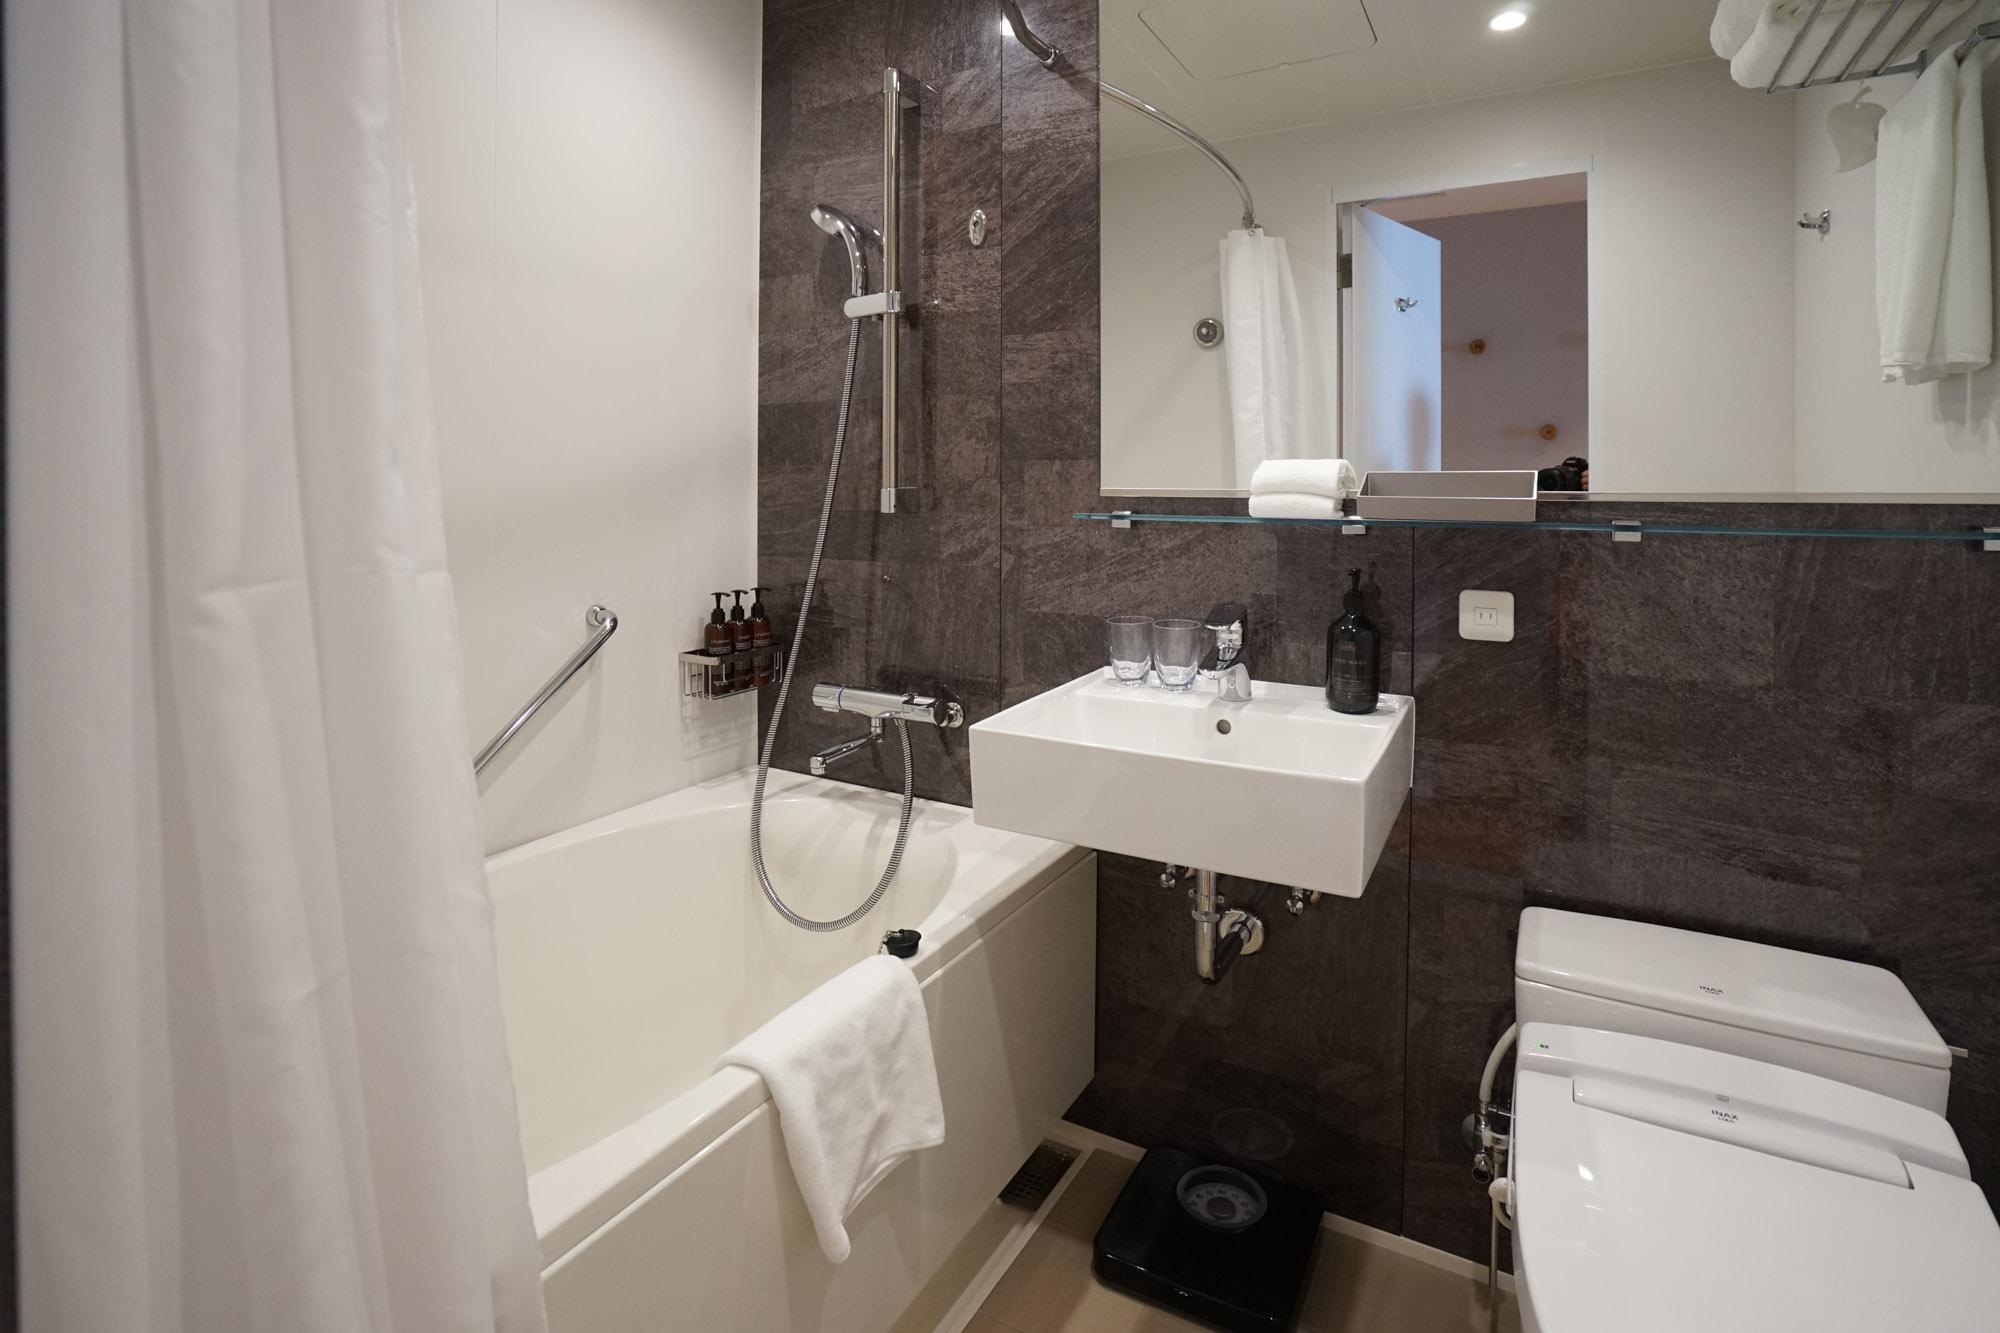 バスルームはセパレートではありませんが、広々の浴槽でくつろげます。